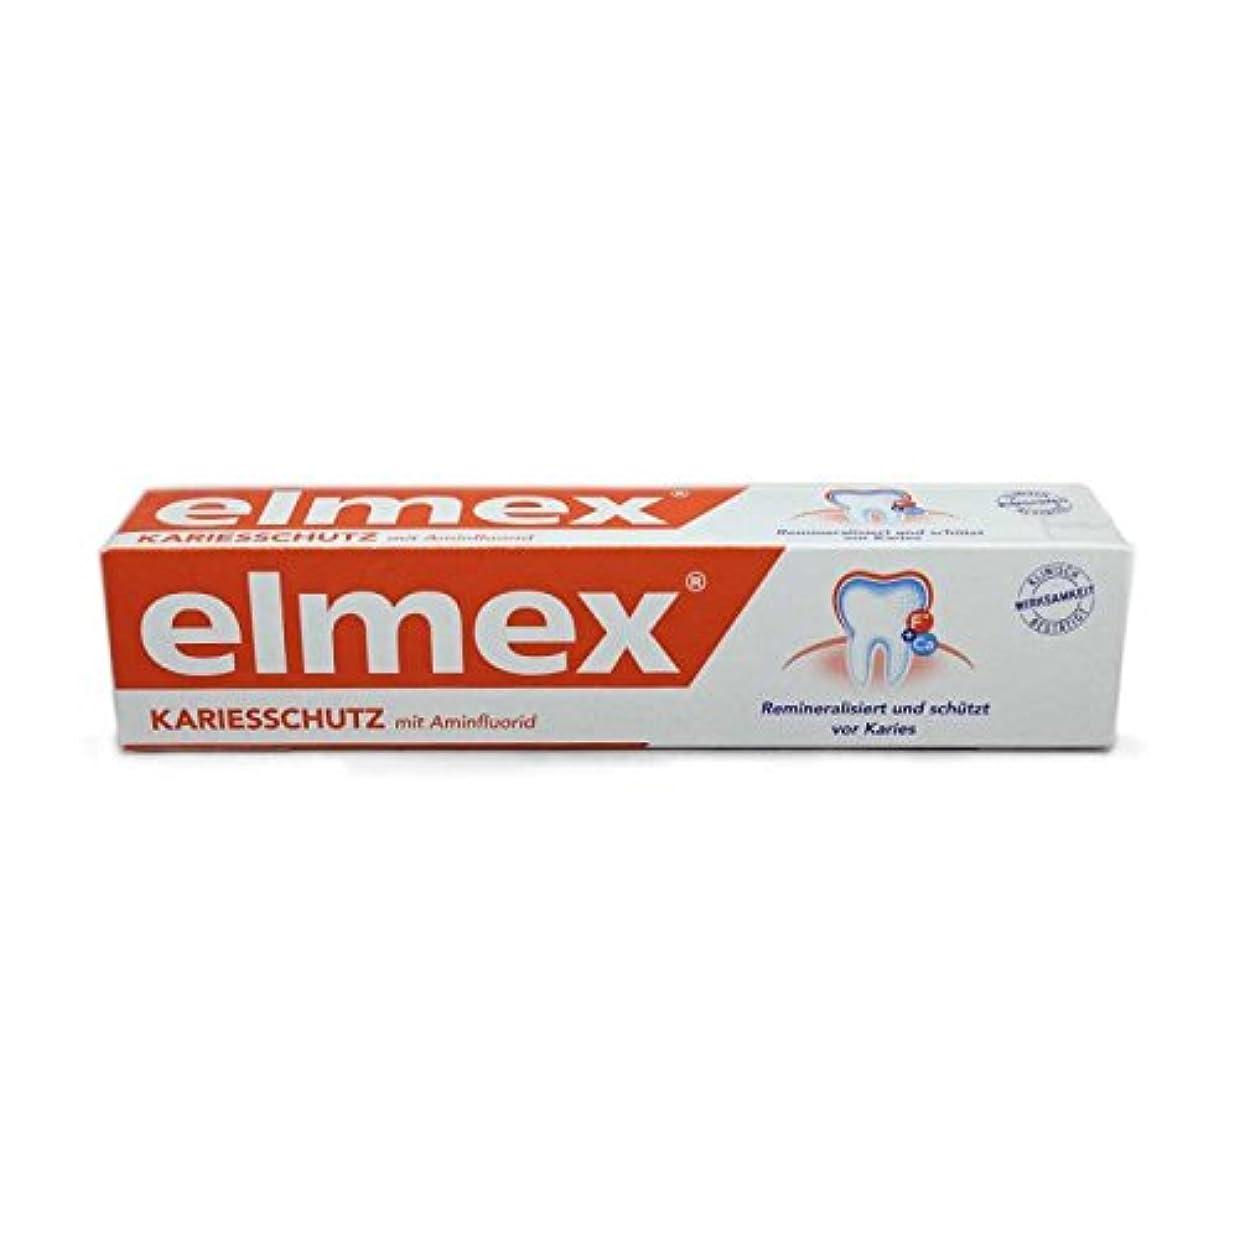 アストロラーベ防衛希少性エルメックス 虫歯予防 歯磨き粉 Elmex Kariesschutz Toothpaste 75ml [並行輸入品]